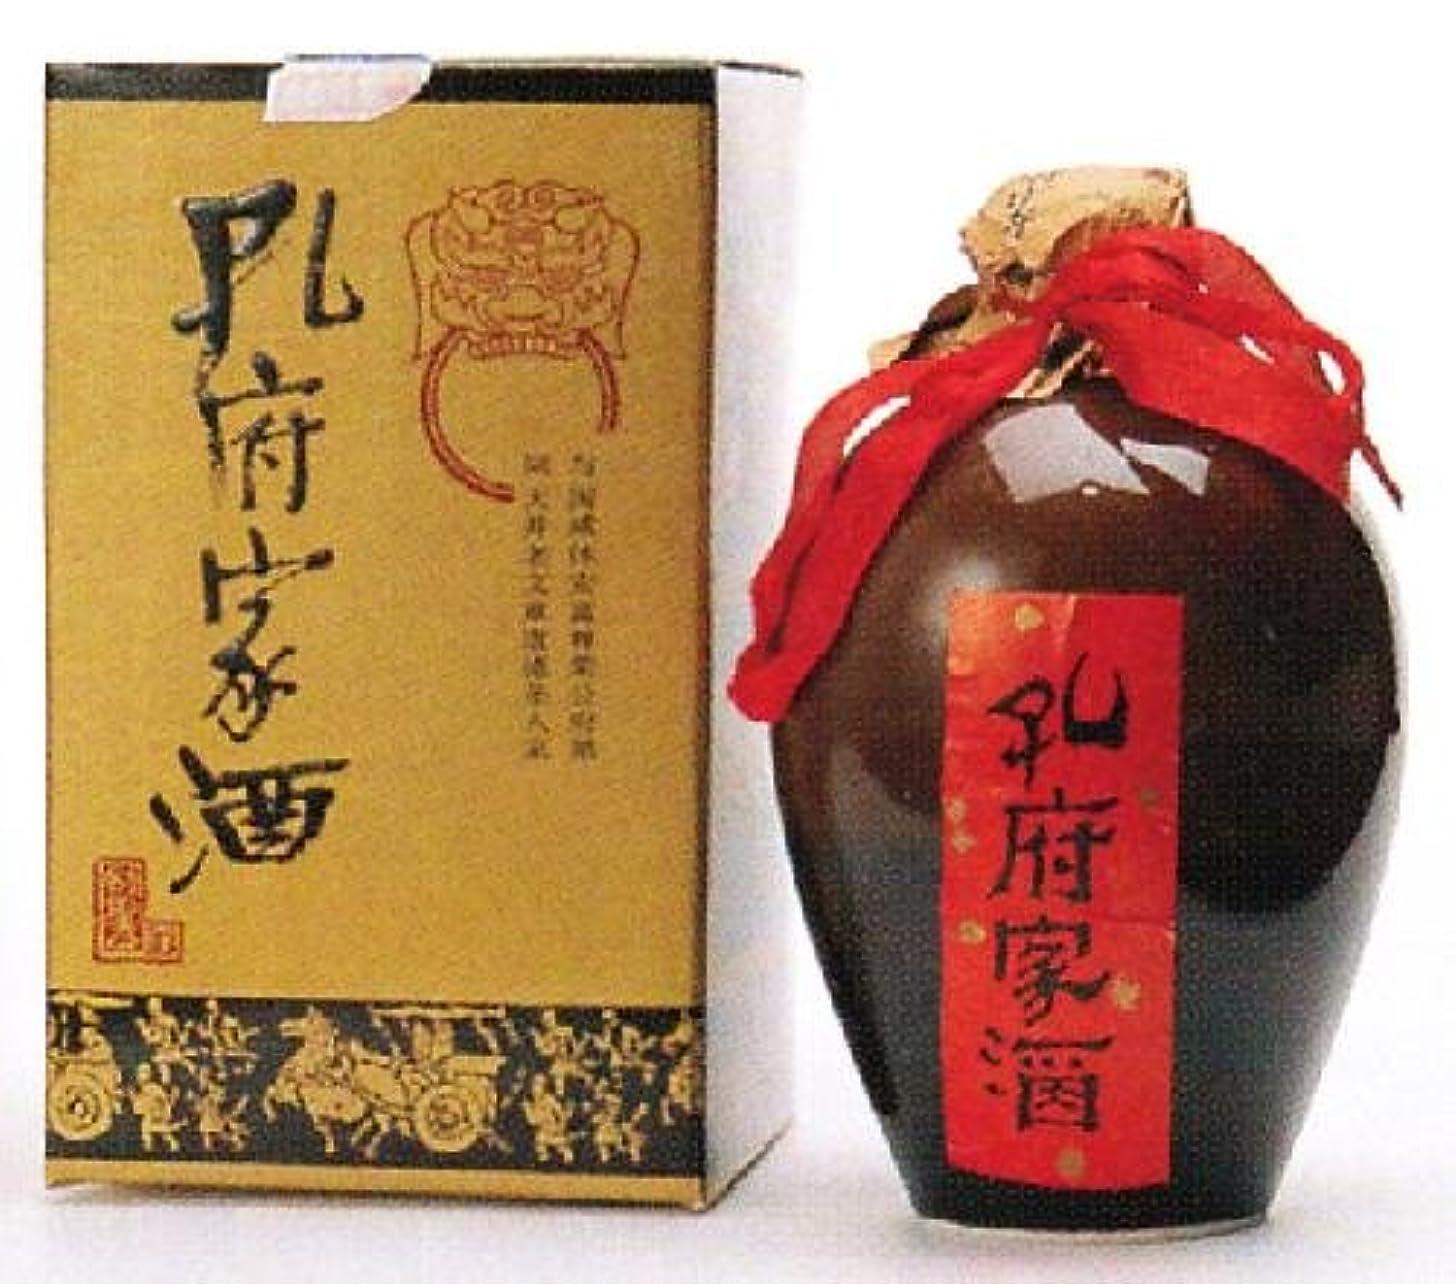 クラシッククラシック内陸孔府家酒 (壺) 39度 500ml